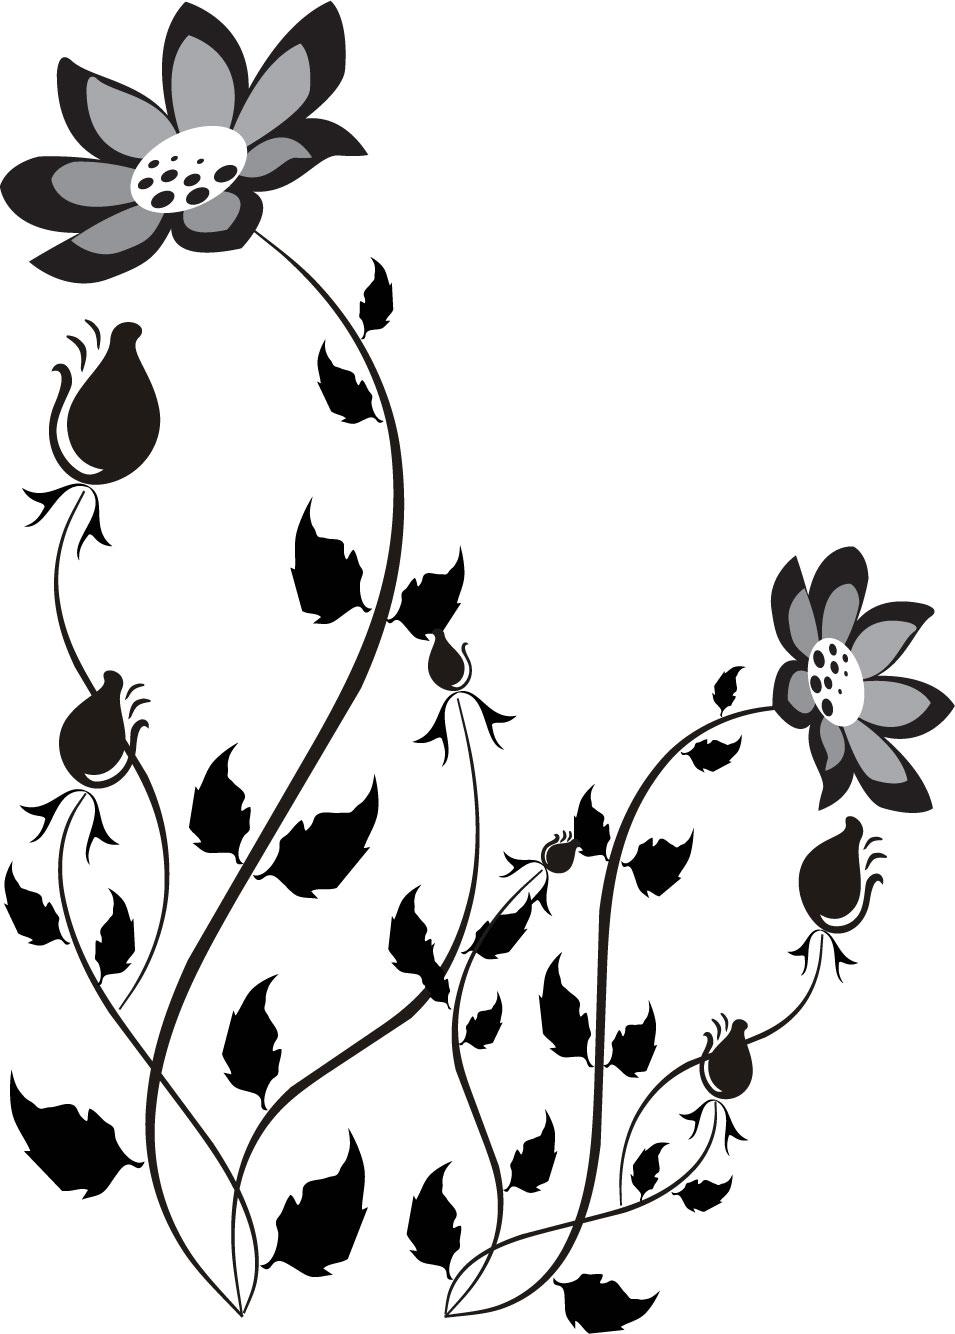 花のイラストフリー素材白黒モノクロno405モノトーン茎葉